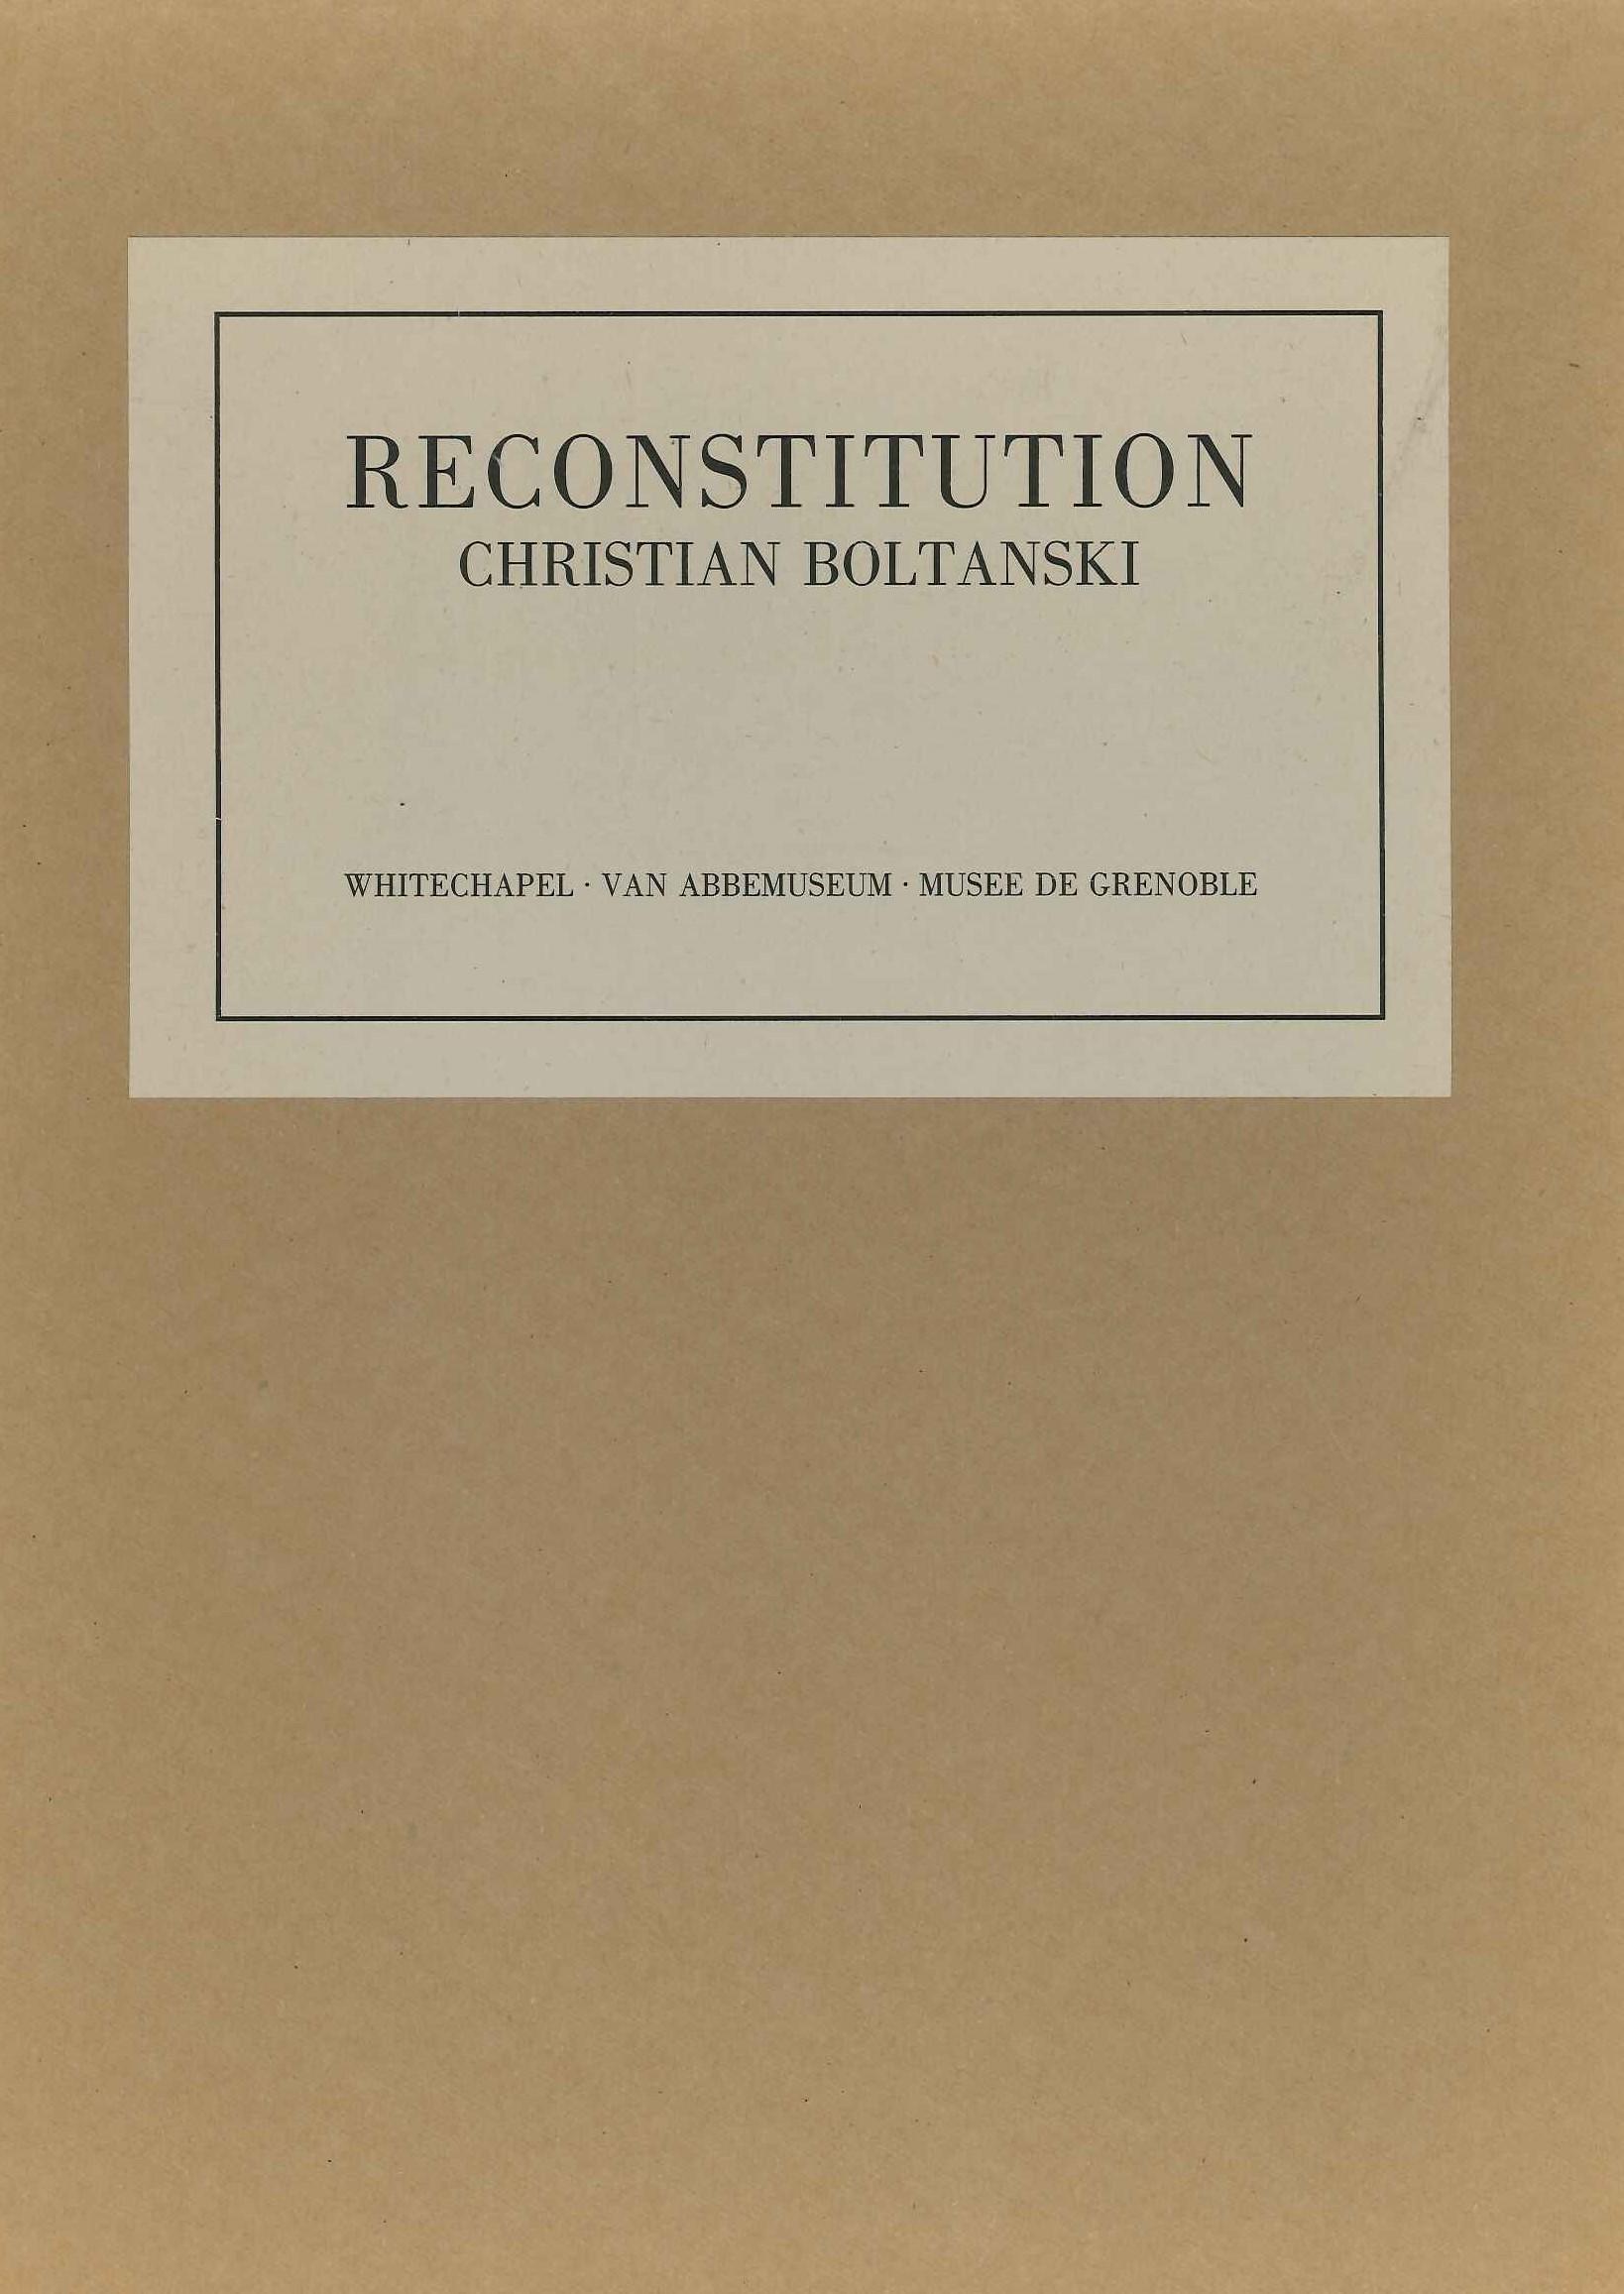 Christian Boltanski : Reconstitution